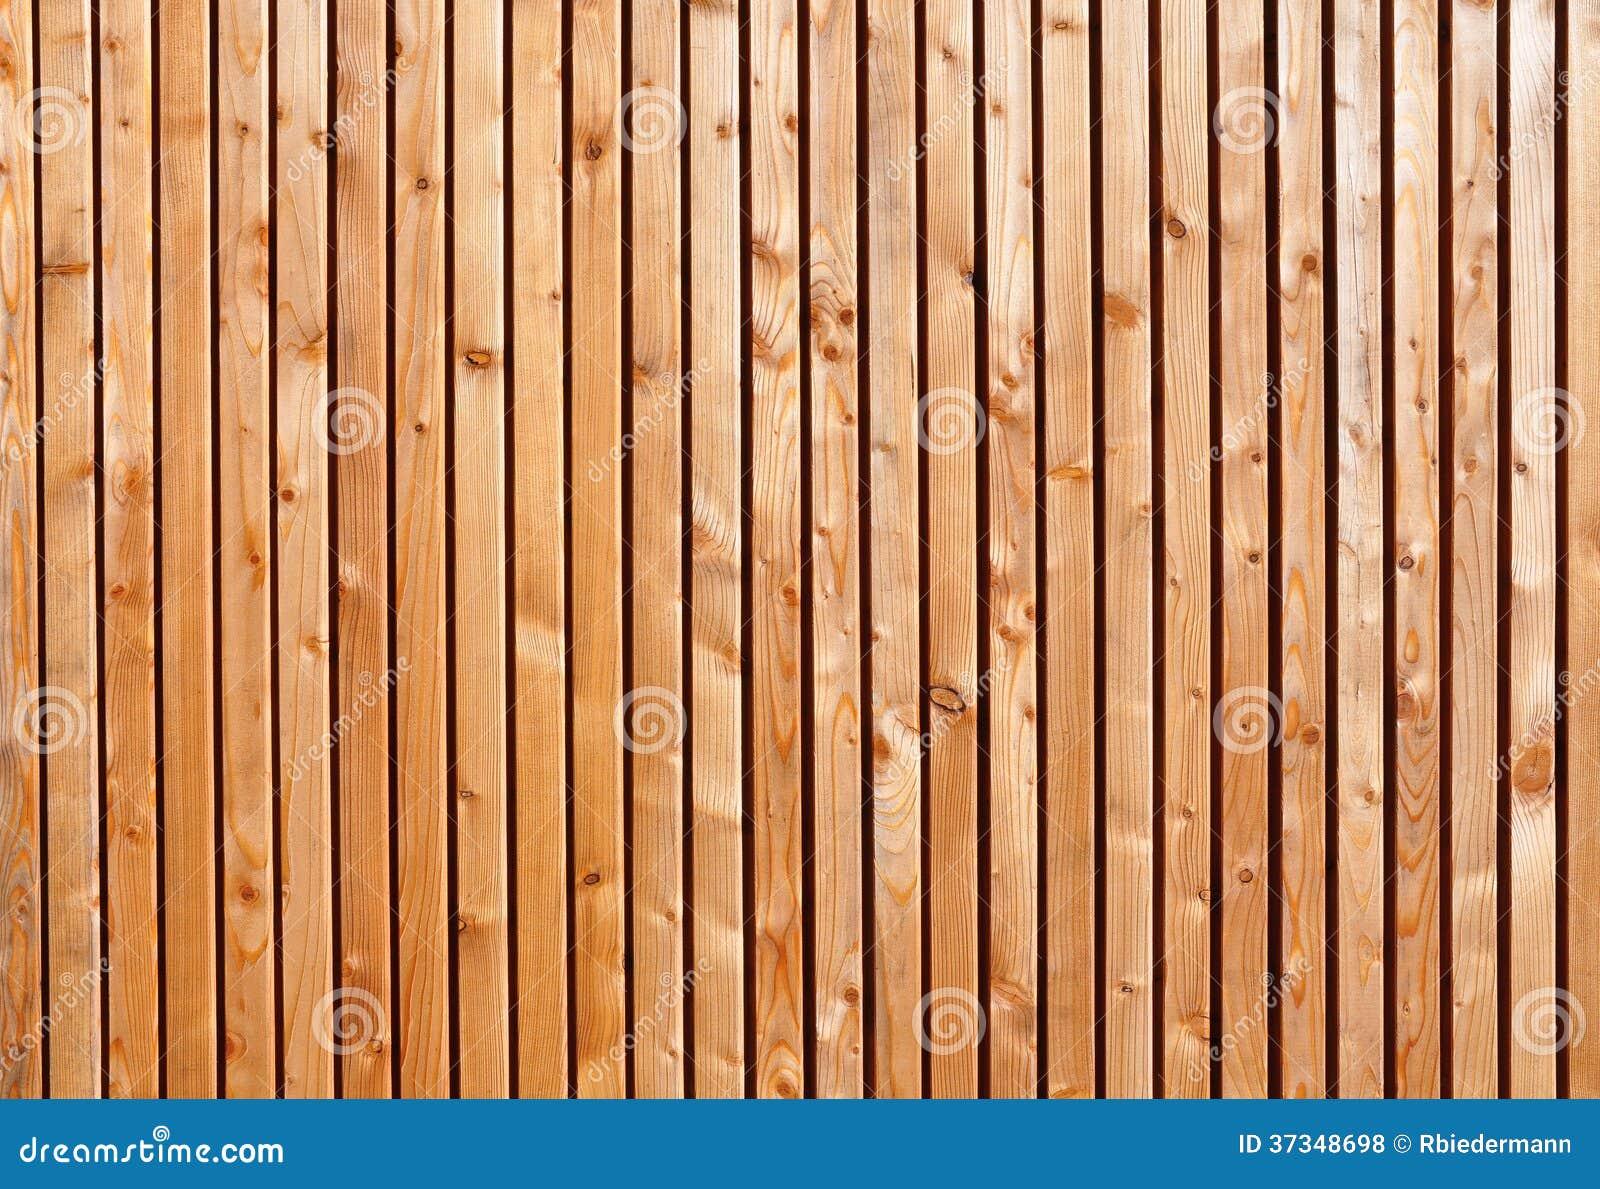 Favoloso Rivestimento di legno fotografia stock. Immagine di parete - 37348698 WL36